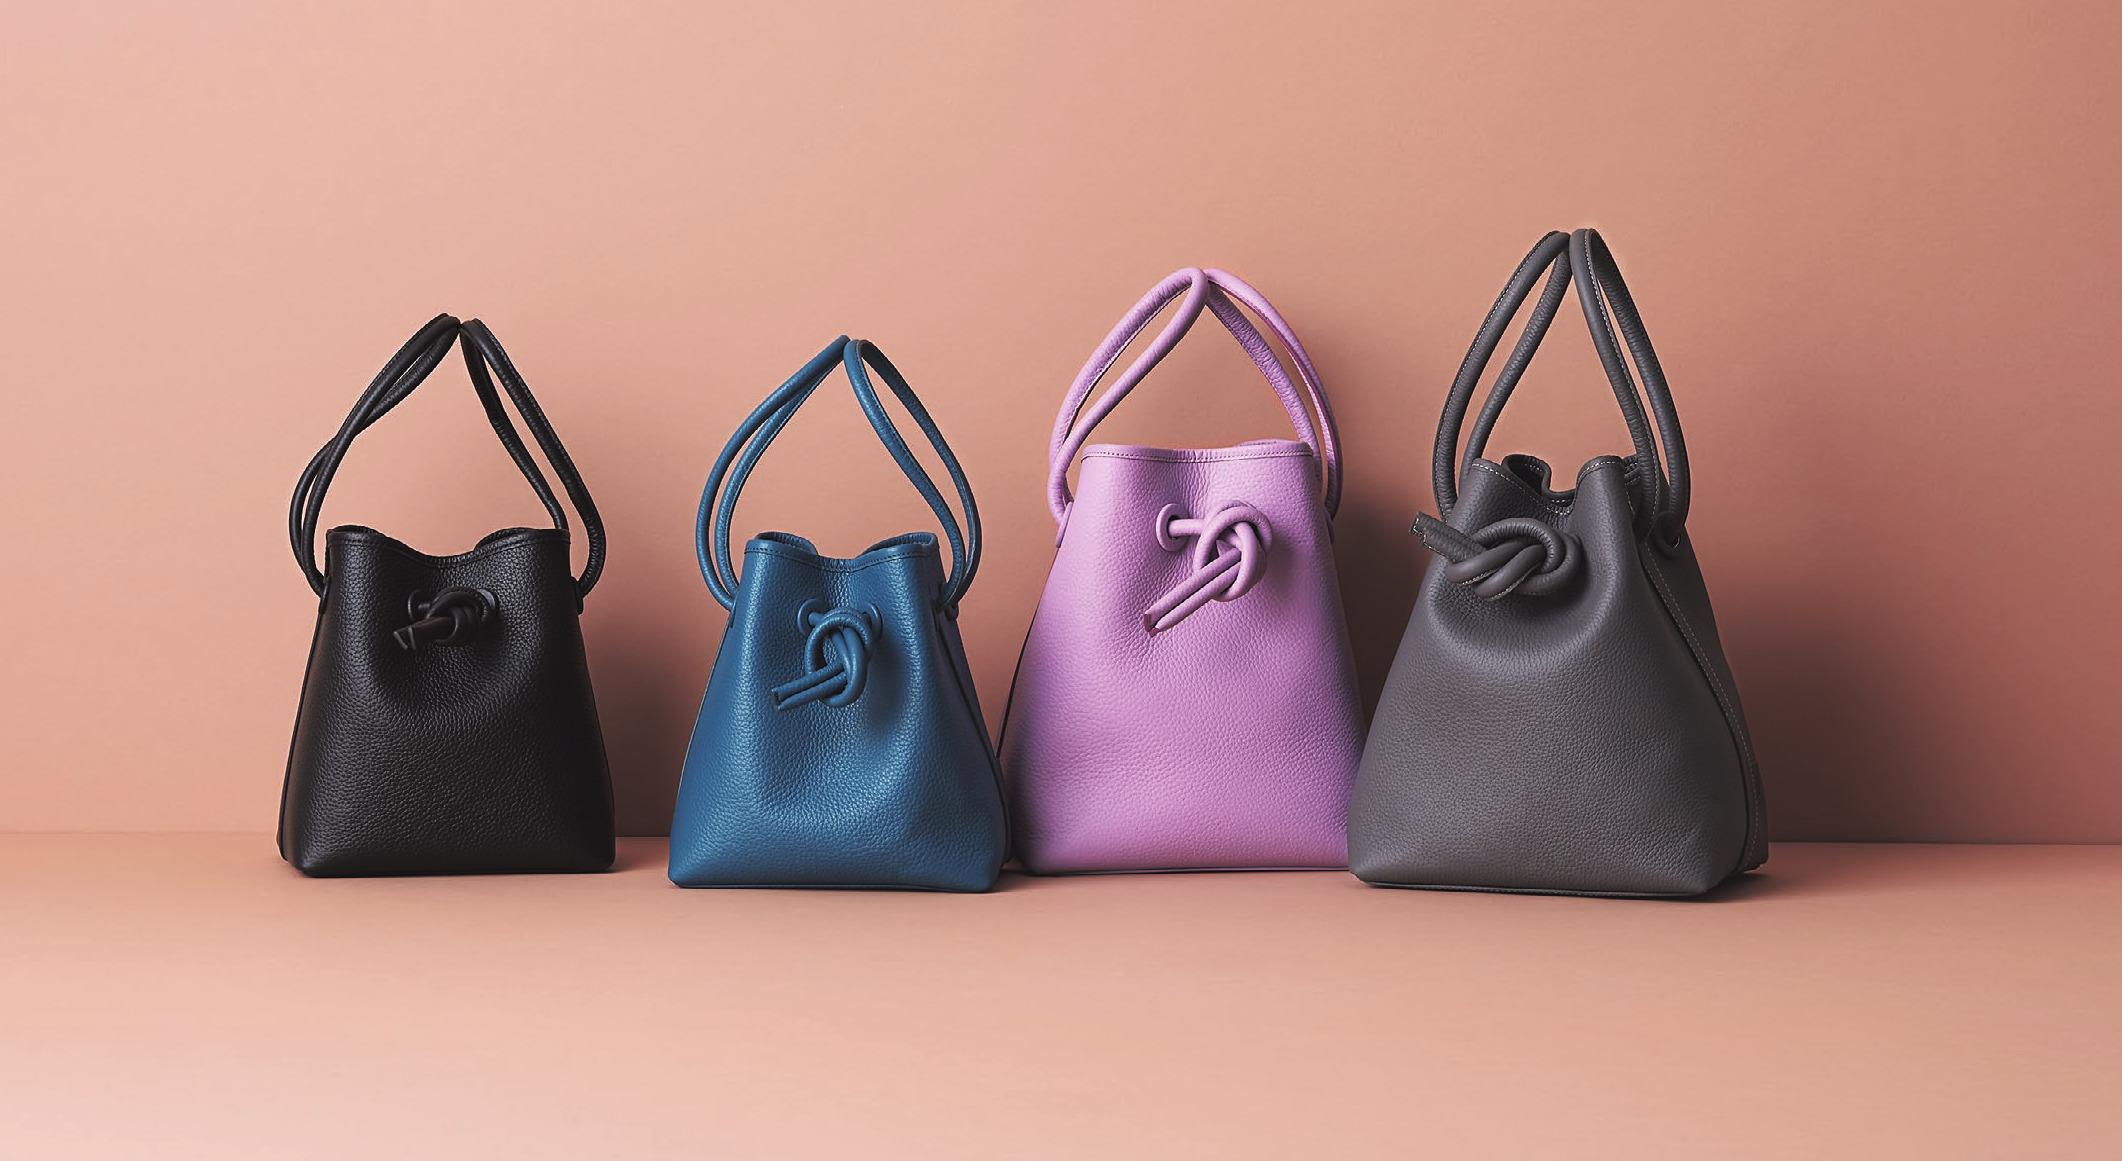 af234a86e757 絶妙価格とデザインで人気沸騰中のバッグブランド5選